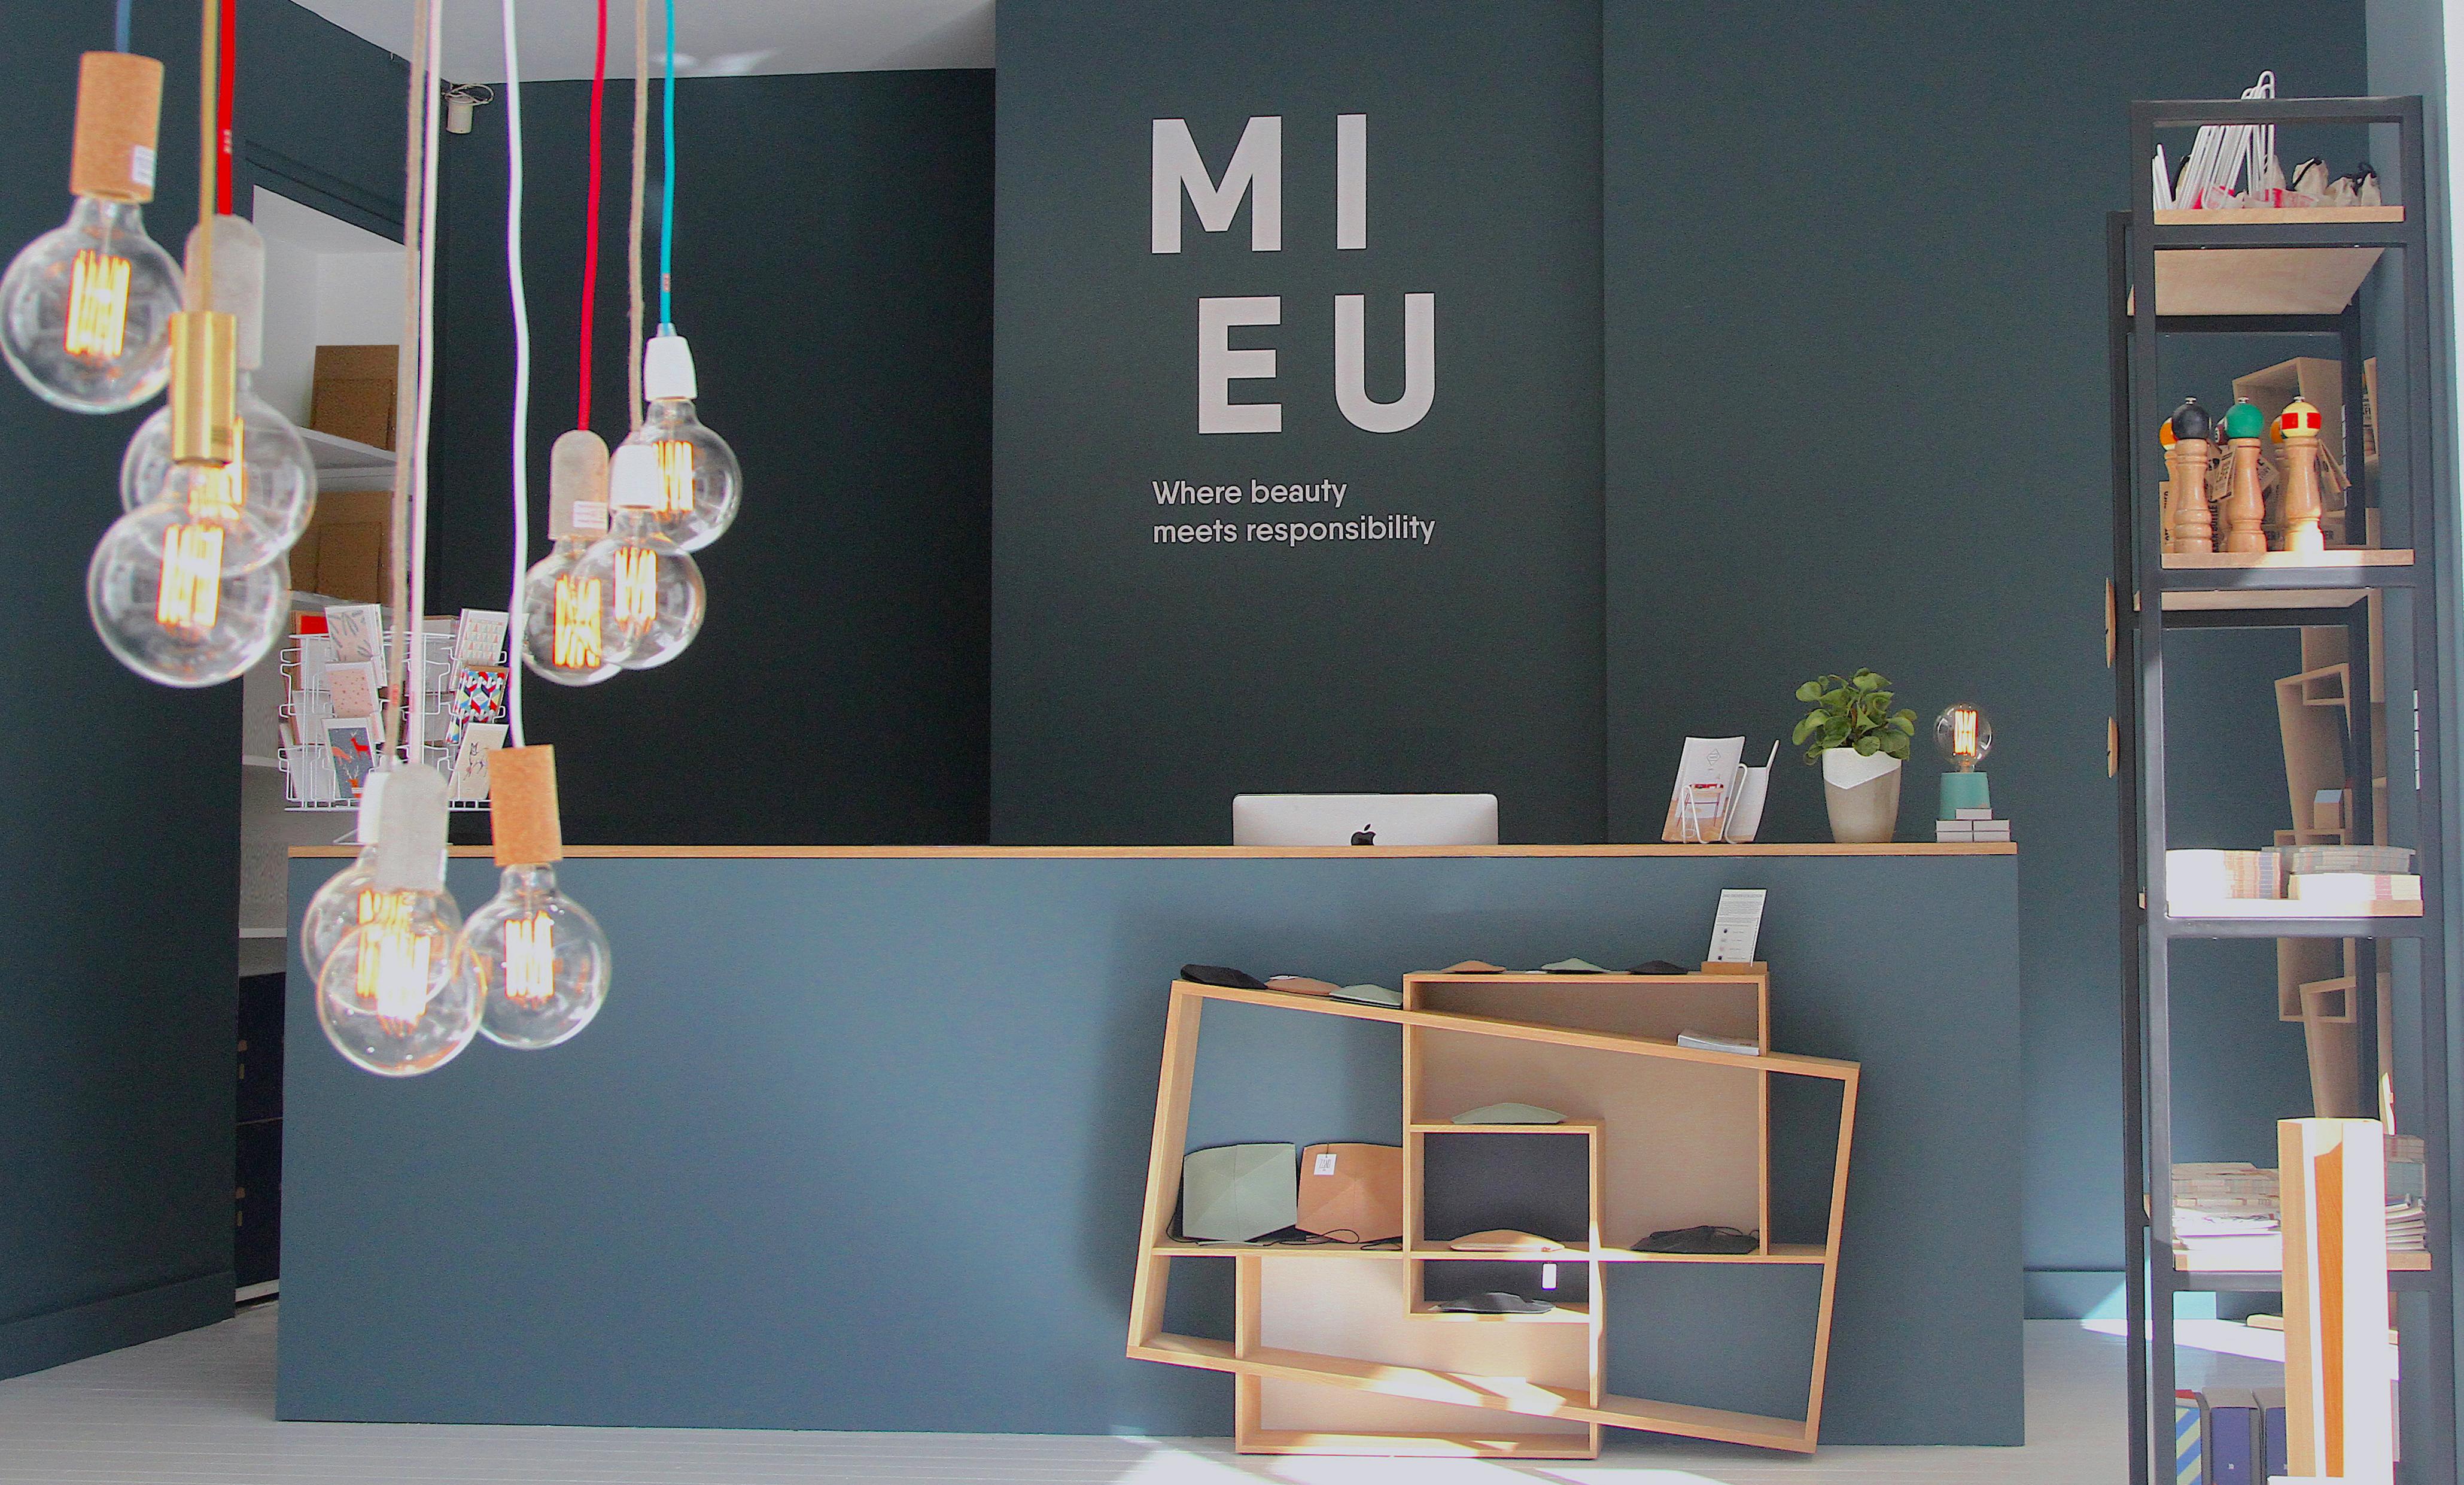 """M I E U : Concept store ameublement et décoration  """"Made in Europe"""" ouvre ses portes à Bruxelles. Retail Design signé EY"""